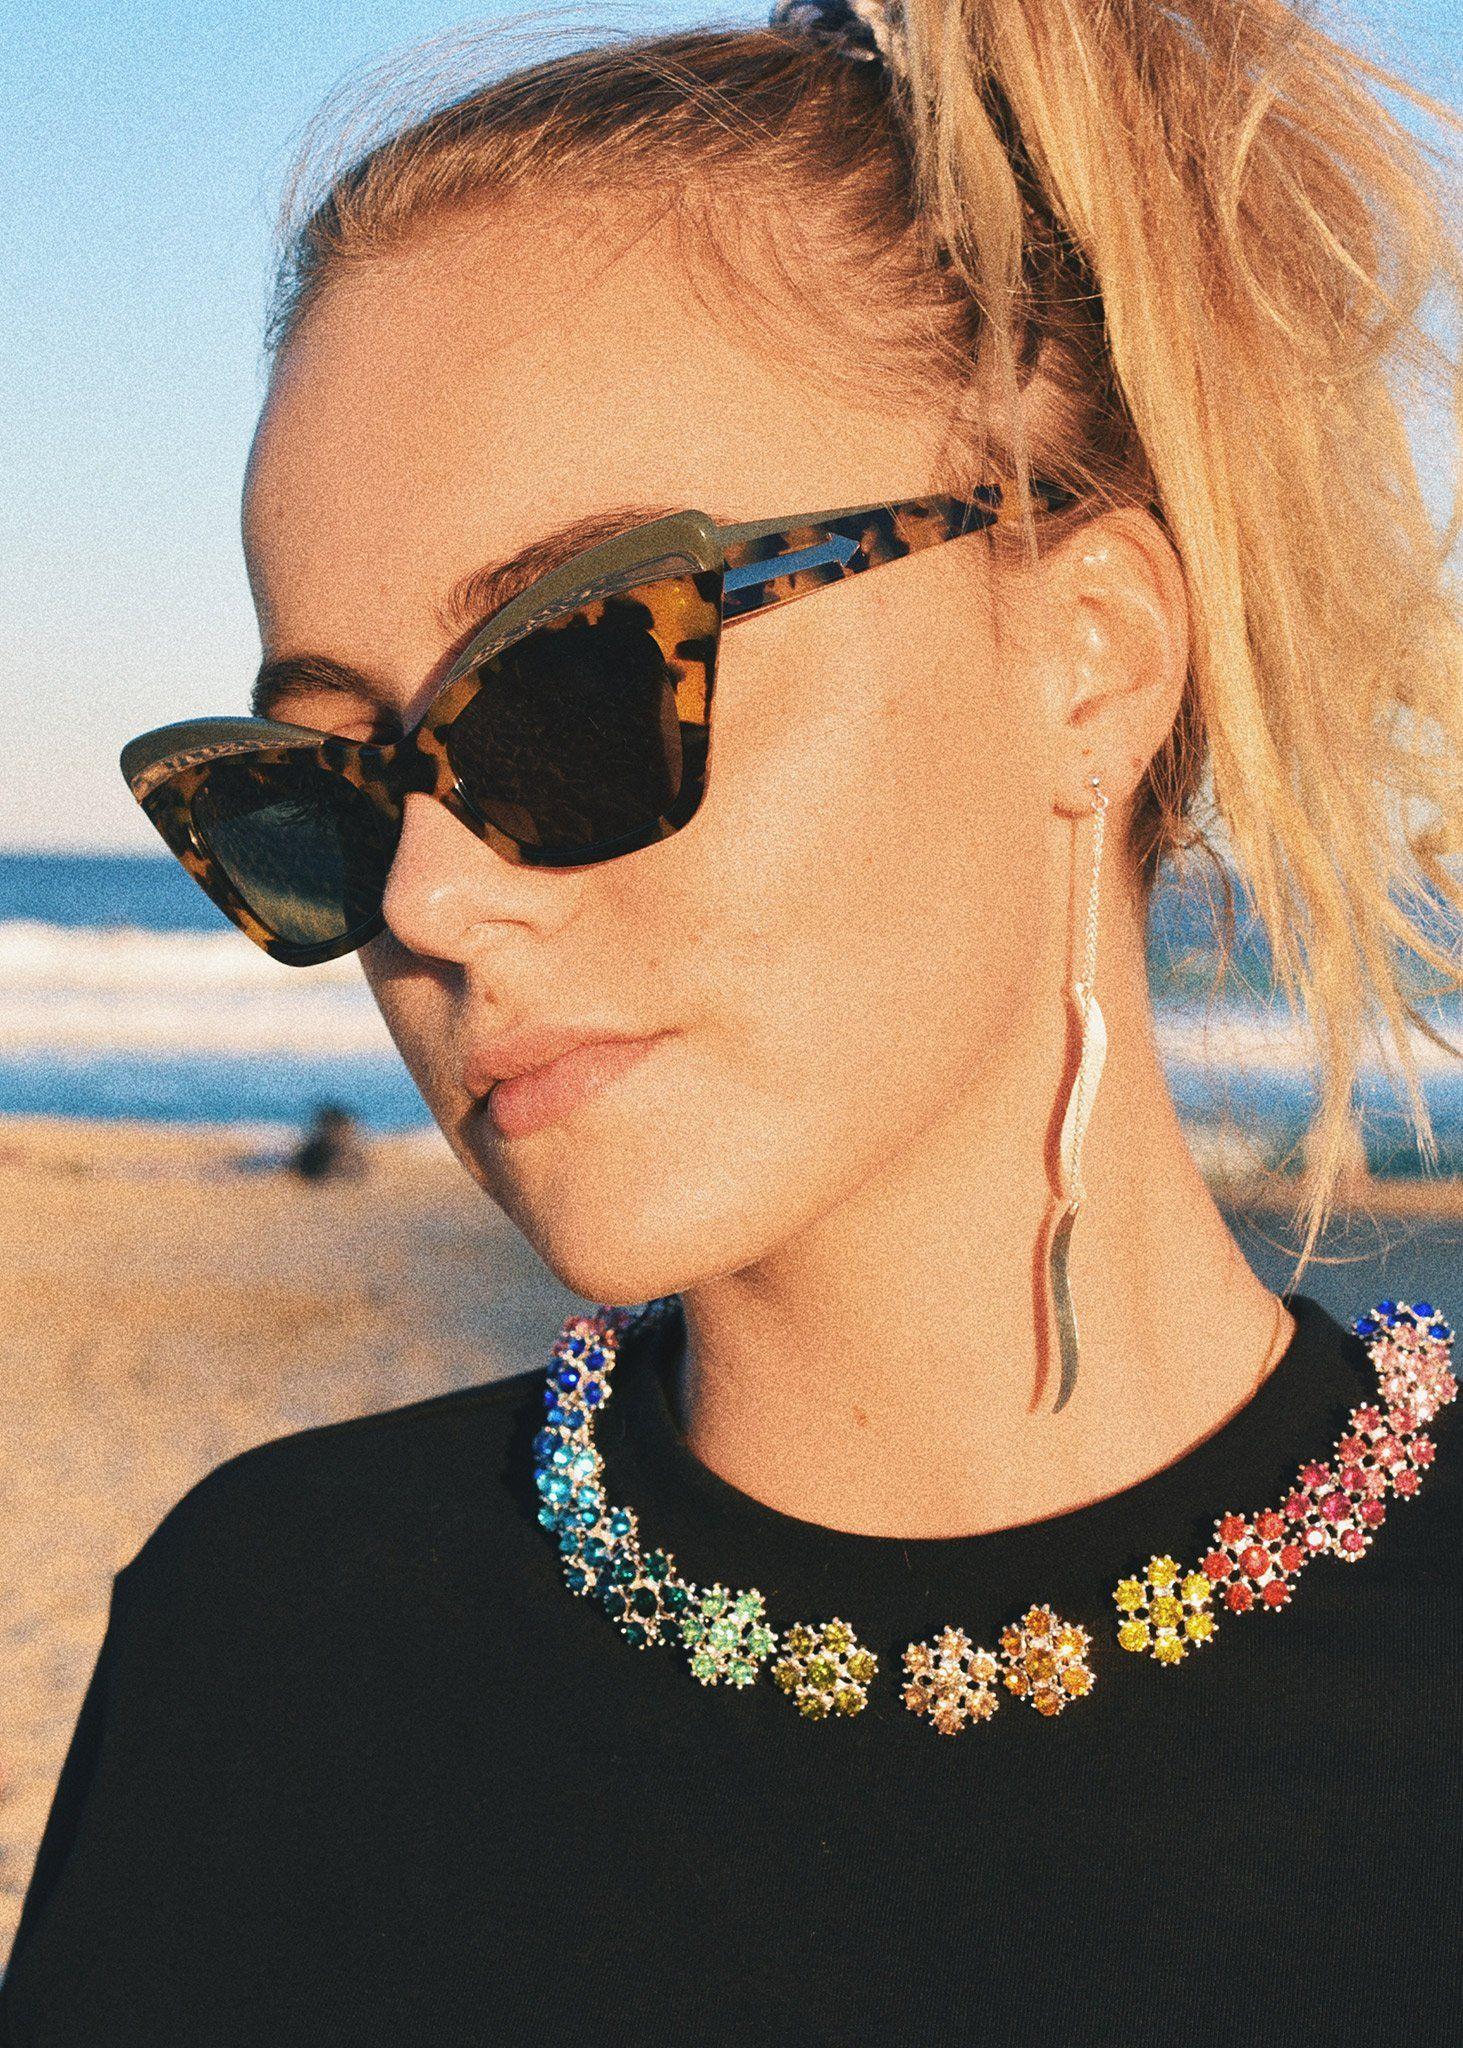 b465add185c Long Wave Earrings in silver by Petite Grand at Dead Pretty ...